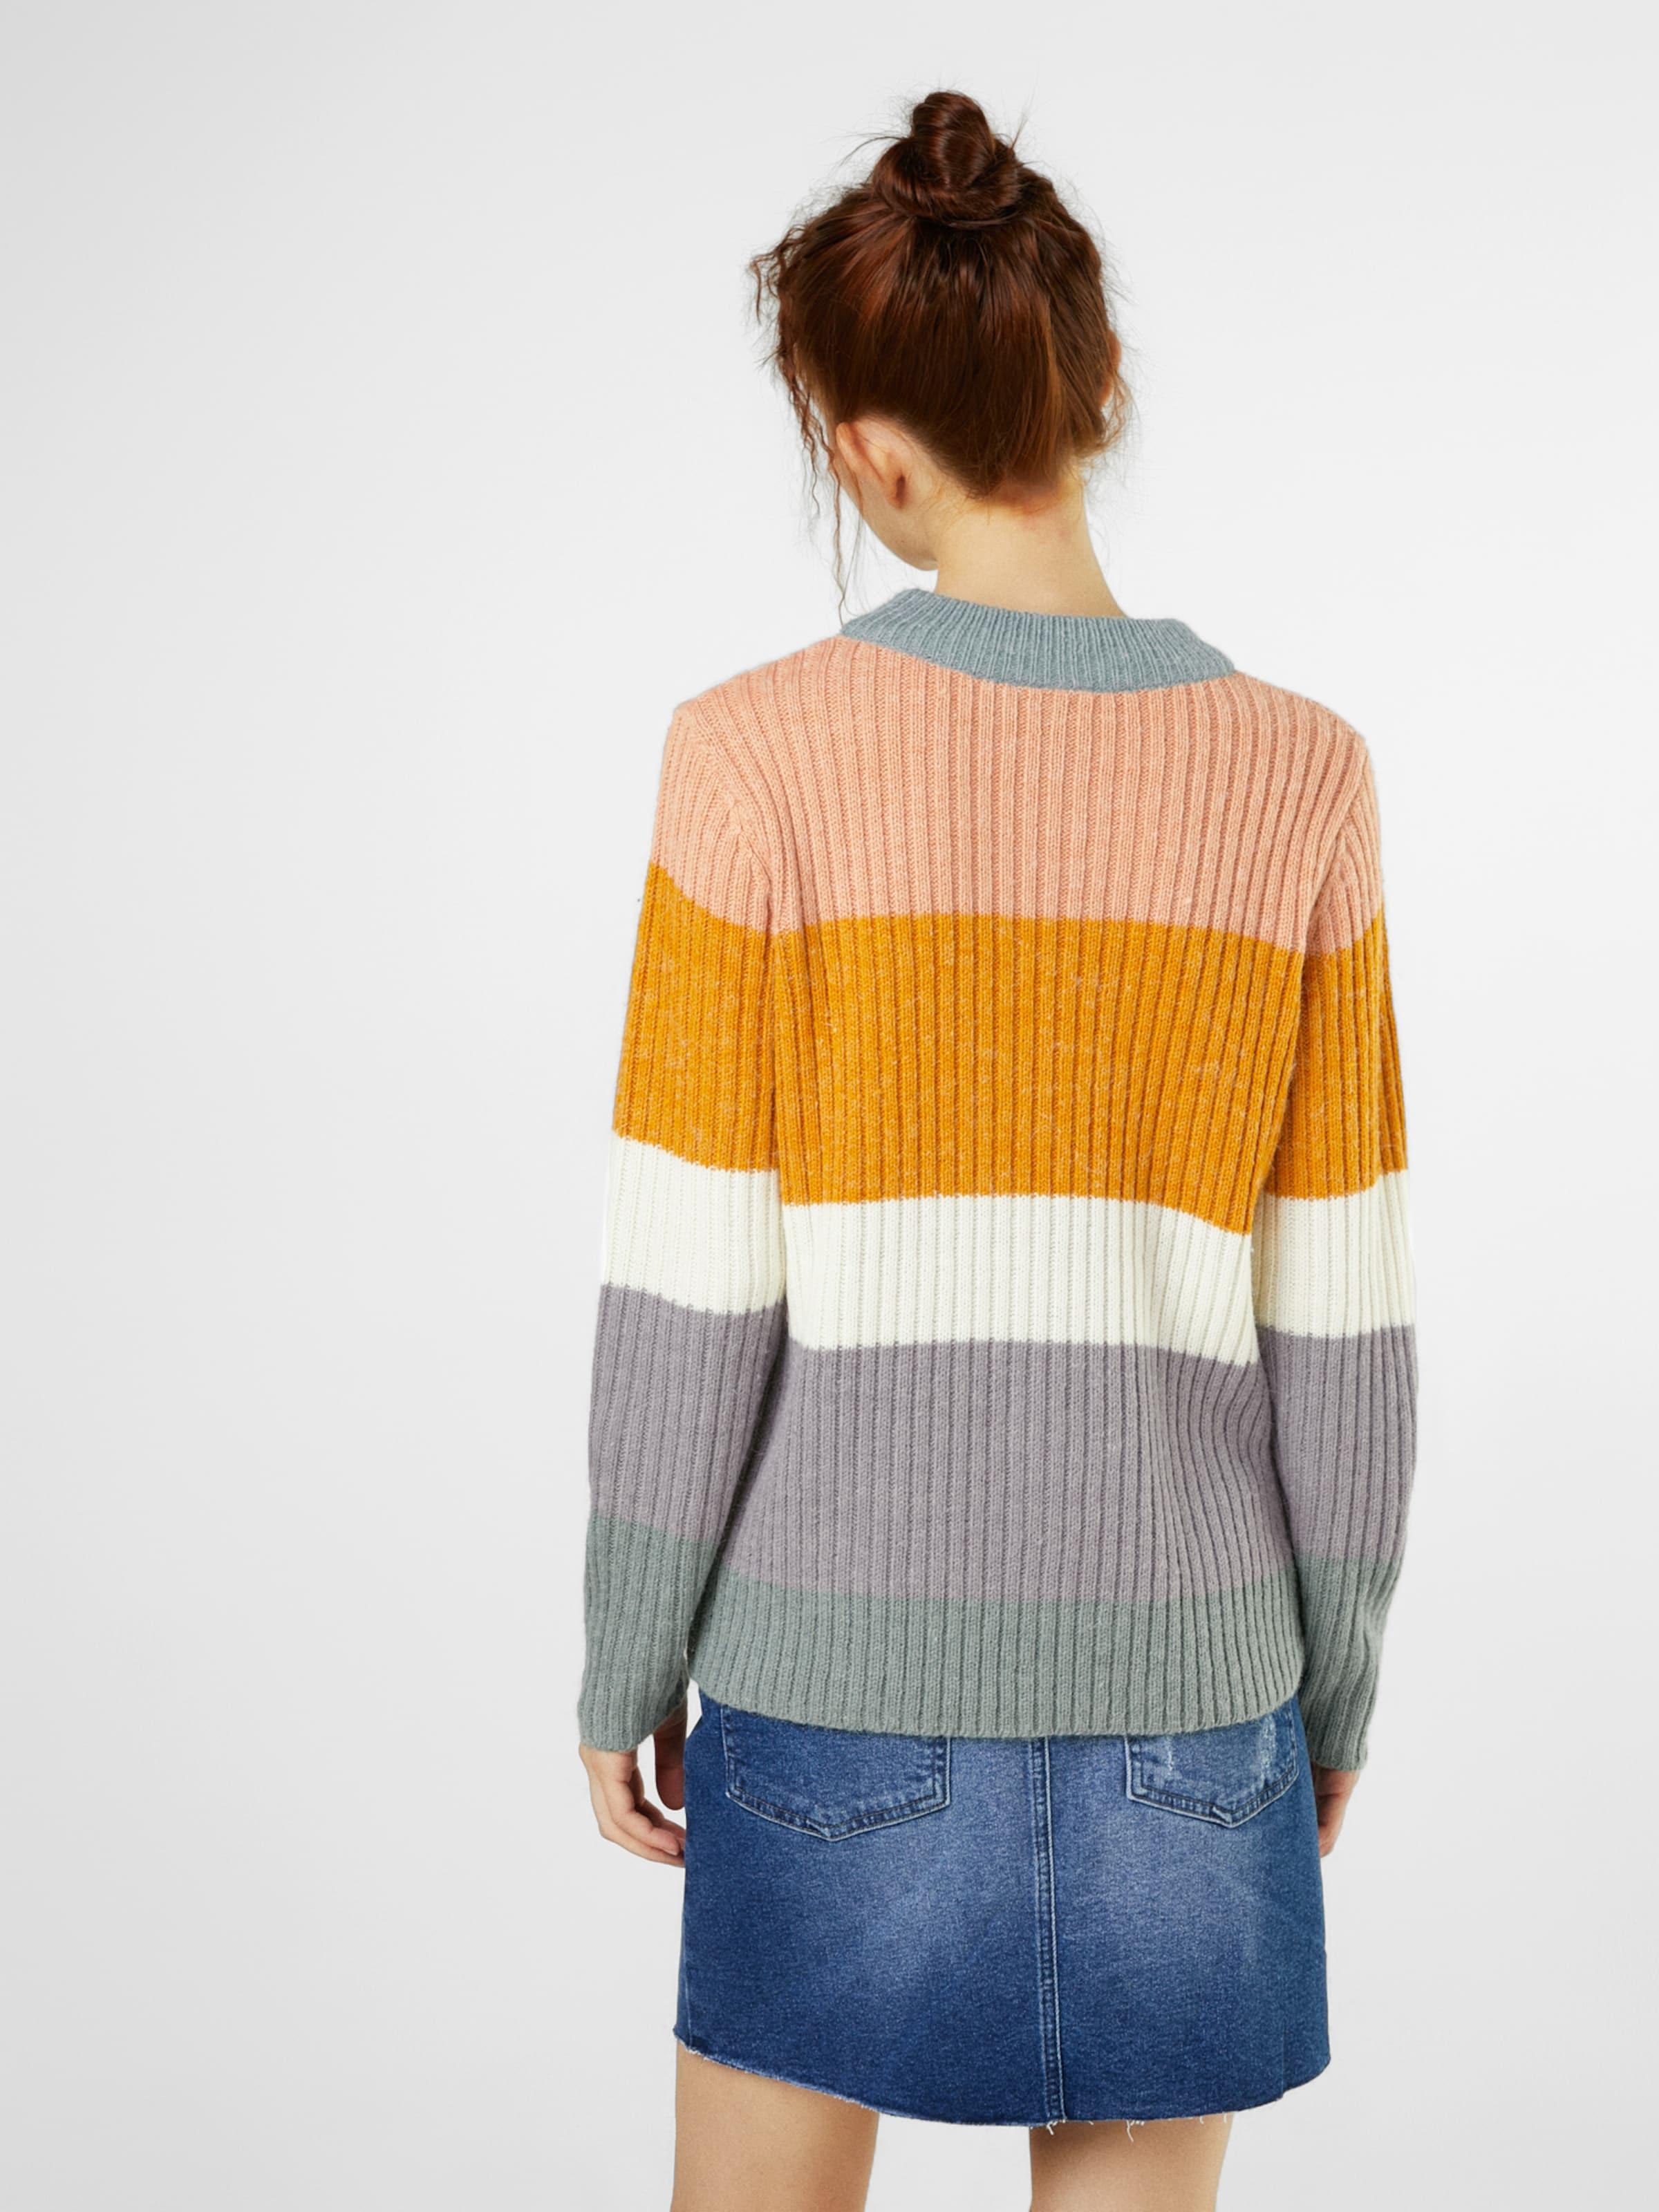 Pullover Ichi In Ichi Mischfarben Ichi Mischfarben Ichi Pullover In Pullover In Mischfarben wOXn0Pk8